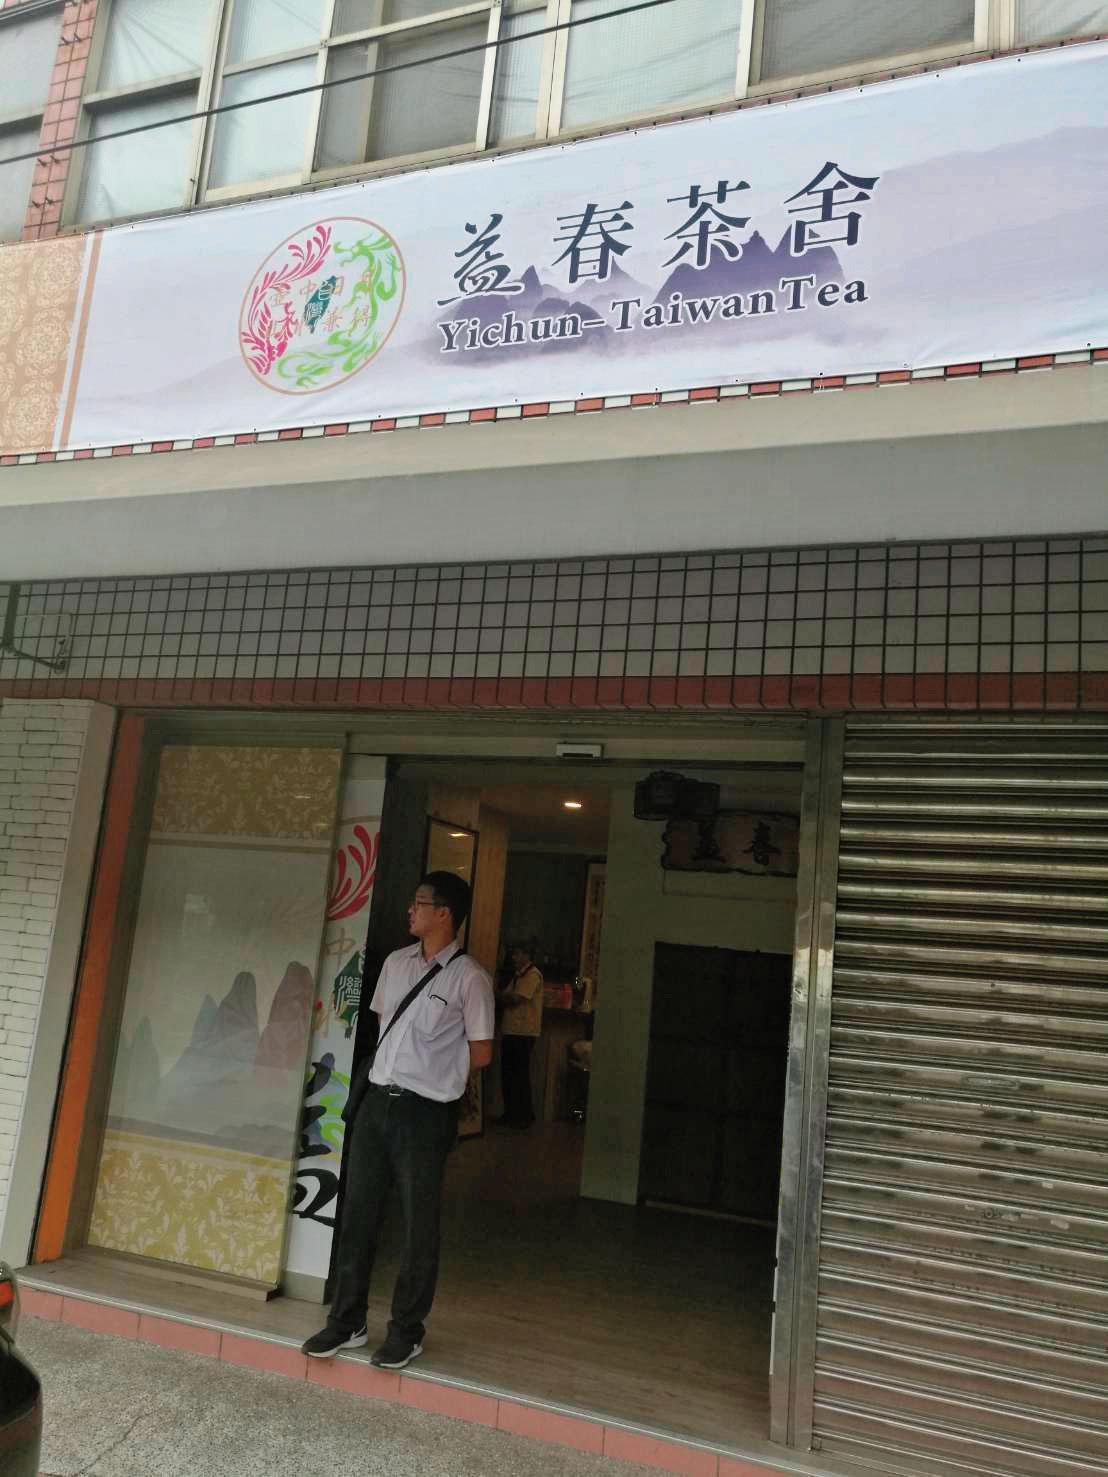 台、泰聯手的跨境詐諞集團,竟在台中市區成立訓練所,一樓還刻意開設茶行掩護。(翻攝畫面)